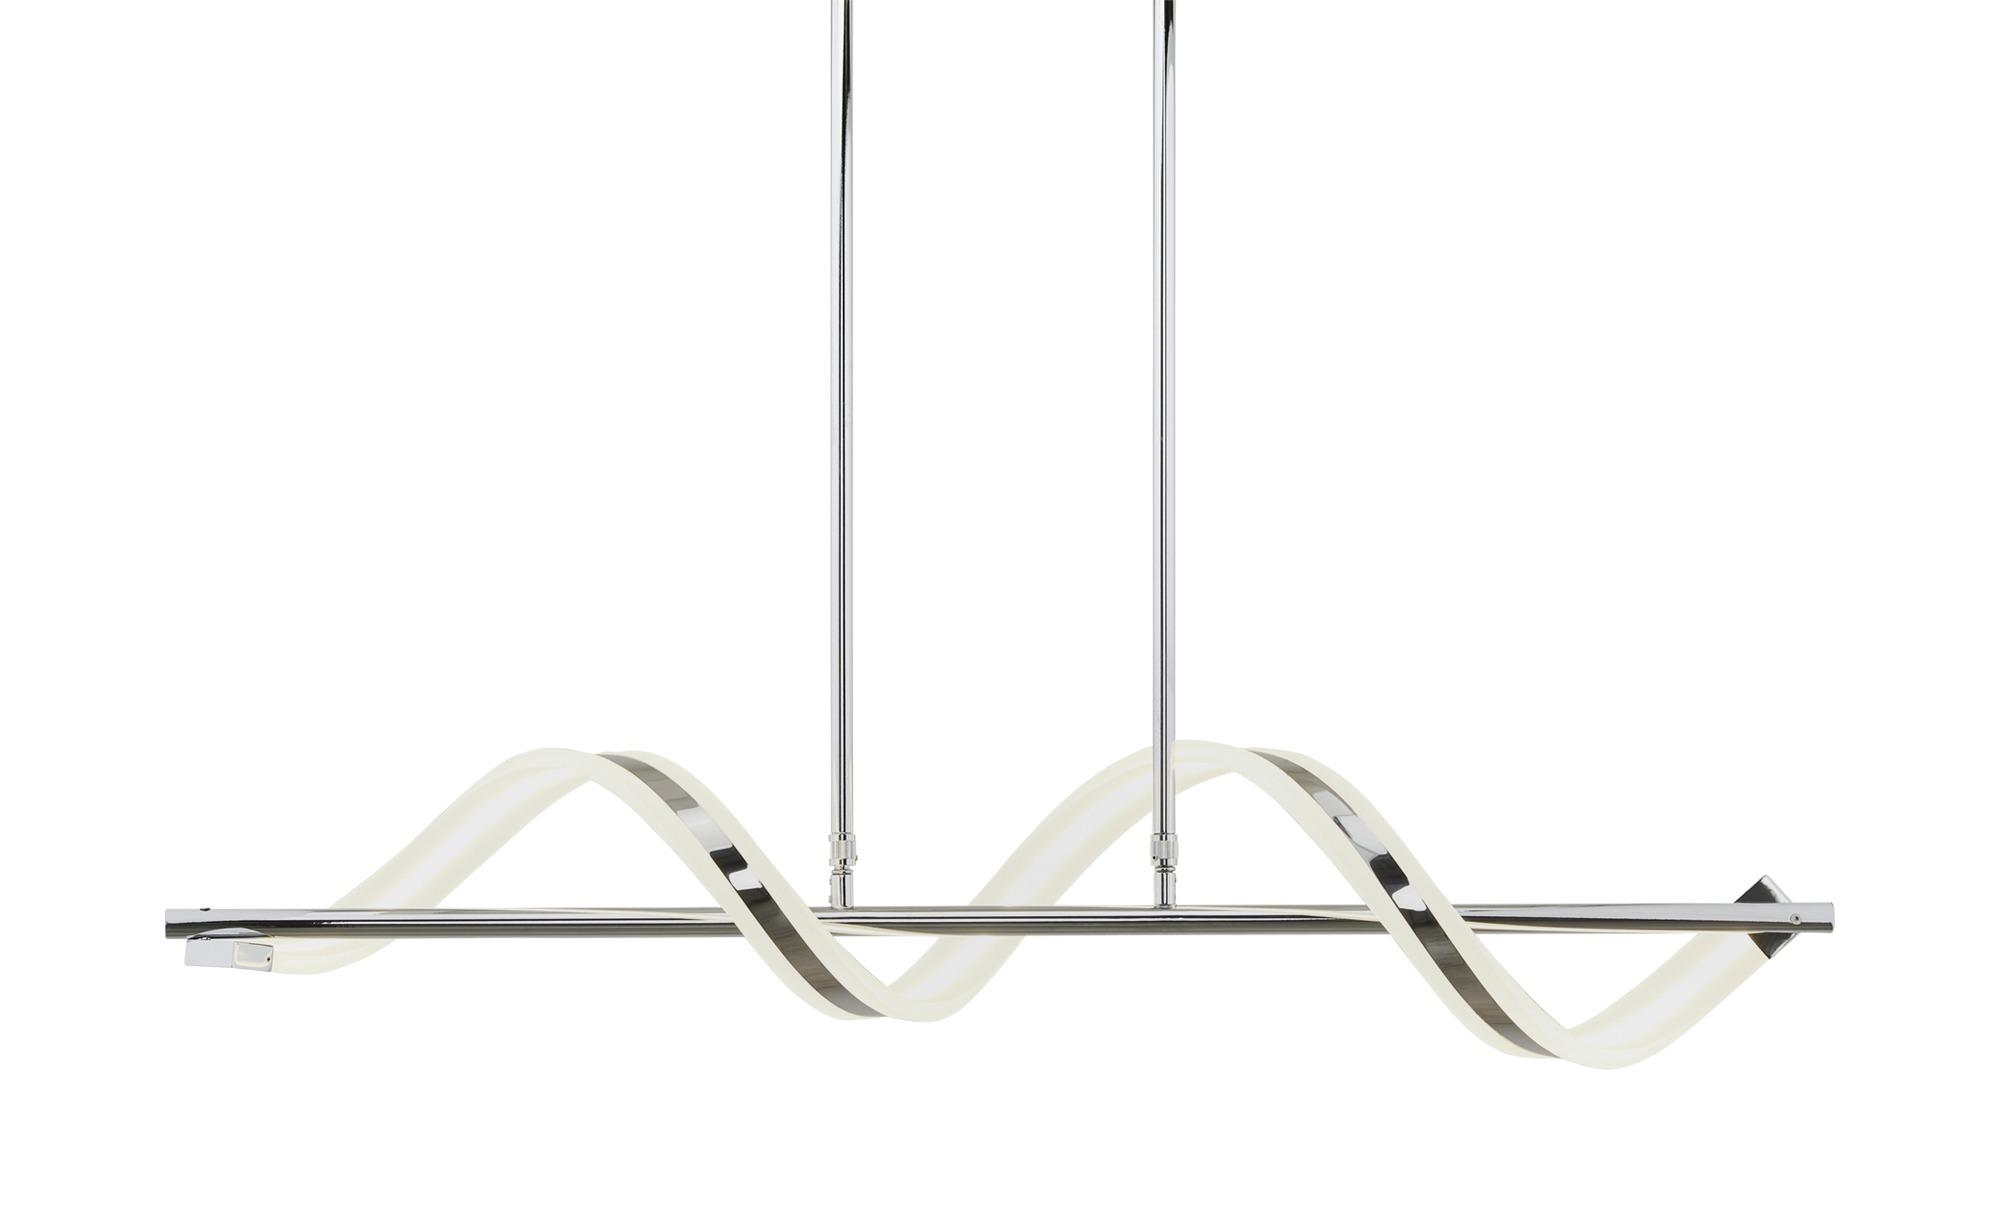 acryl pendelleuchten online kaufen m bel suchmaschine. Black Bedroom Furniture Sets. Home Design Ideas